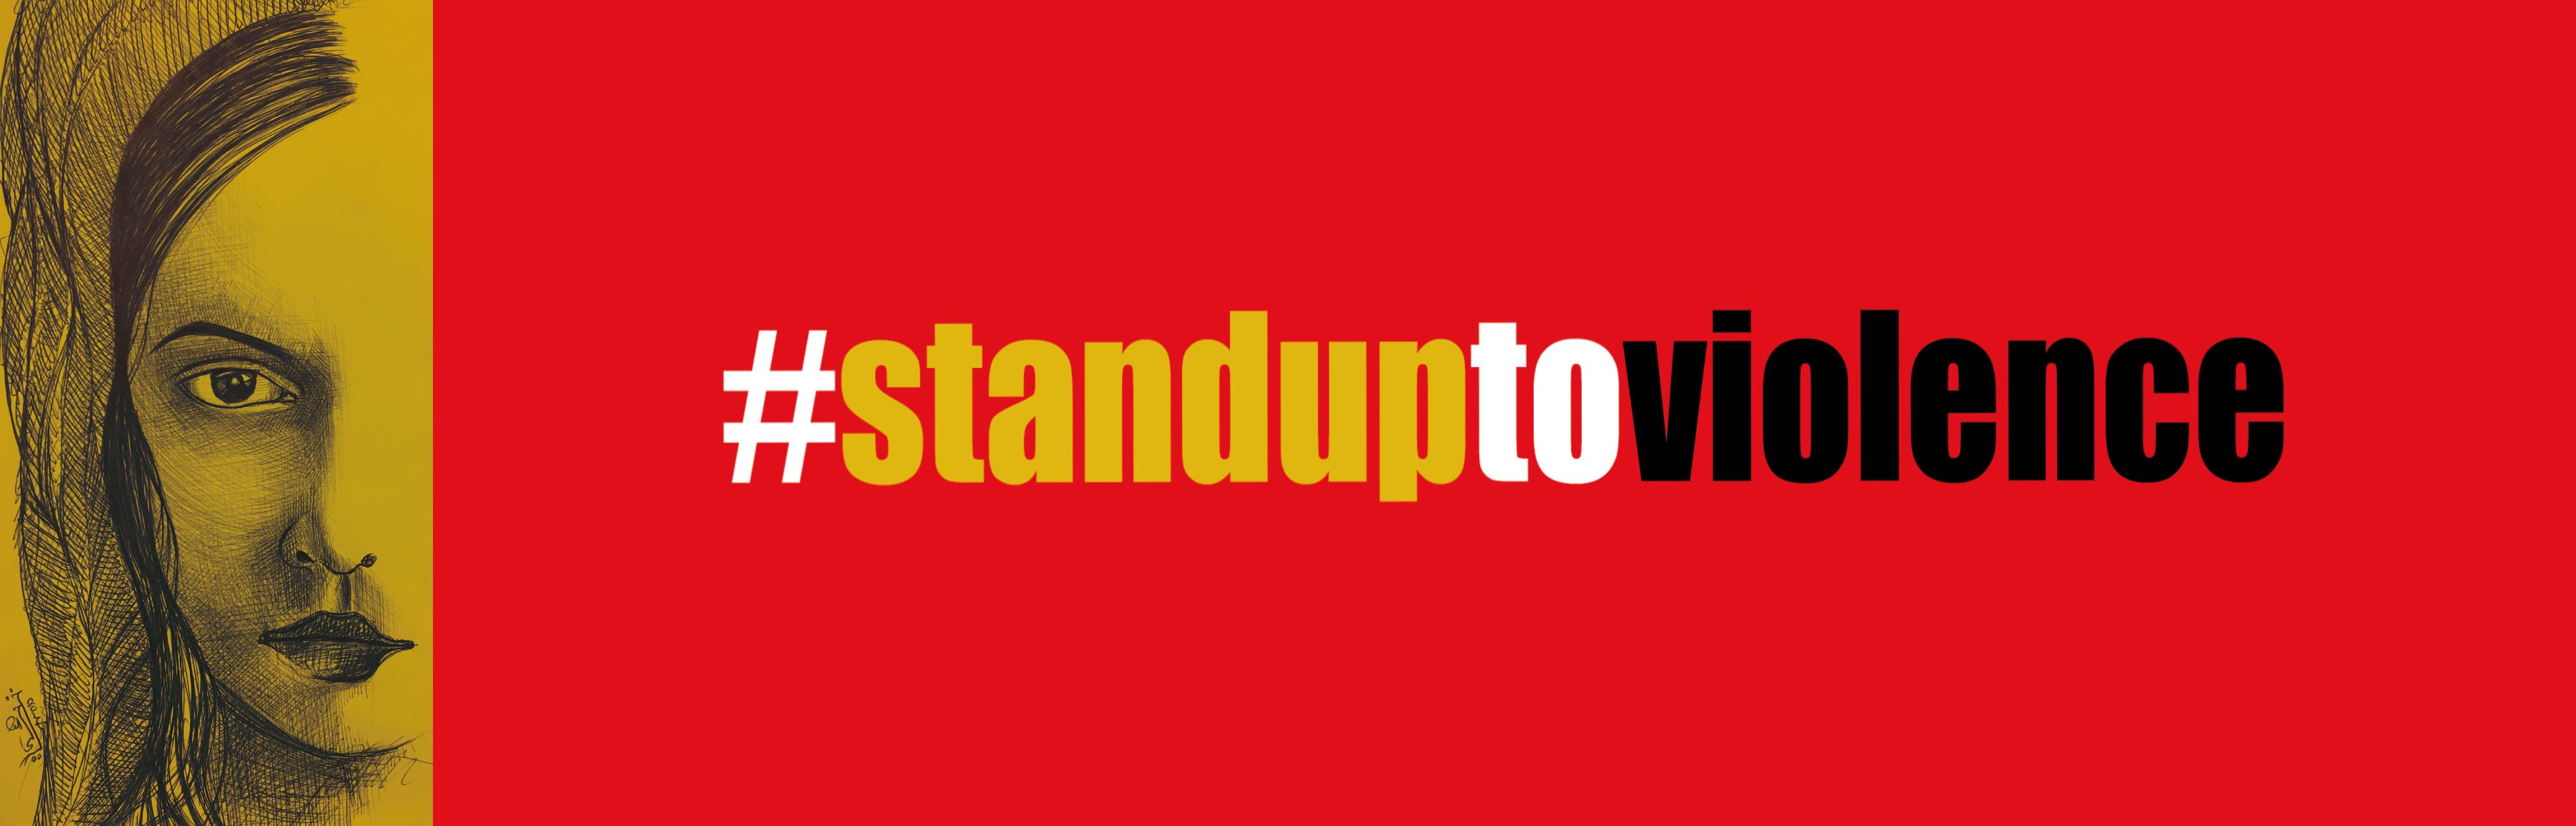 #STANDUPTOVIOLENCE